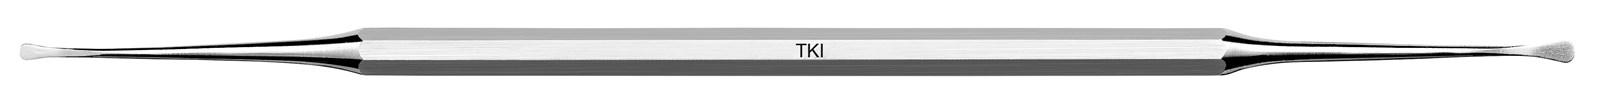 Nůž pro tunelovou techniku - TKI, ADEP tmavě modrý